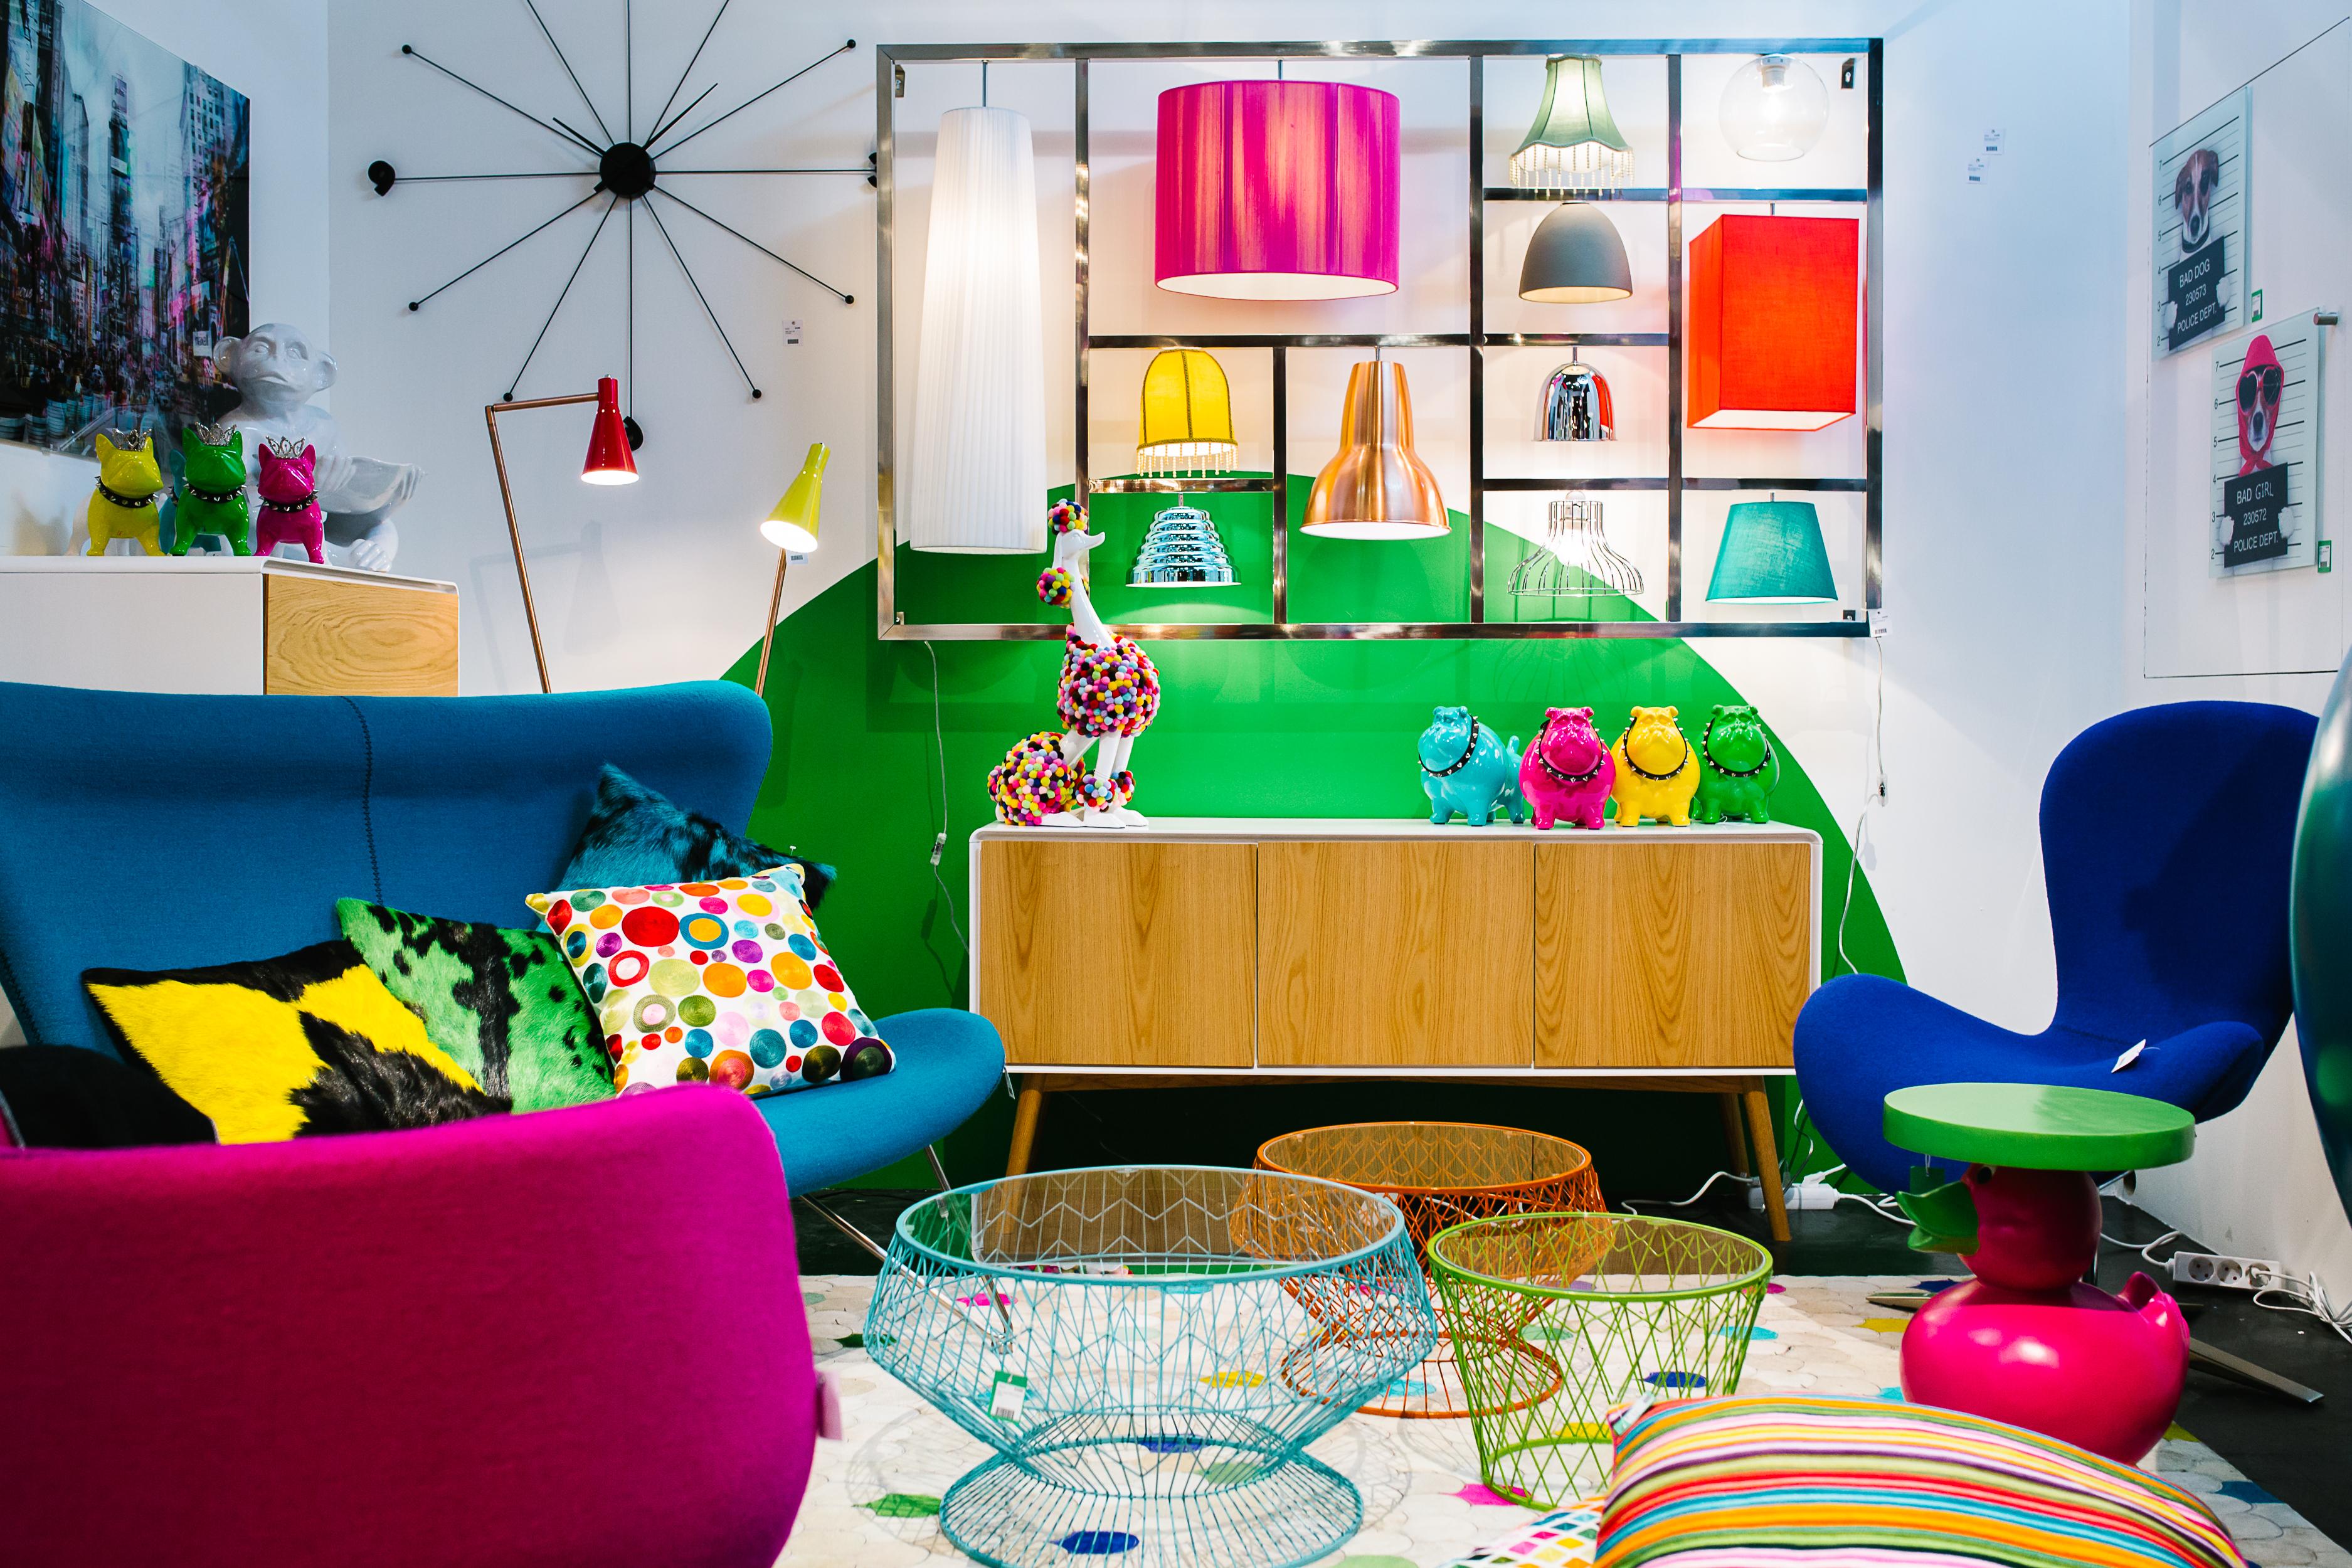 kare wohntrends auf der ambiente 2015 kitsch macht gl cklich pressemitteilung kare design gmbh. Black Bedroom Furniture Sets. Home Design Ideas